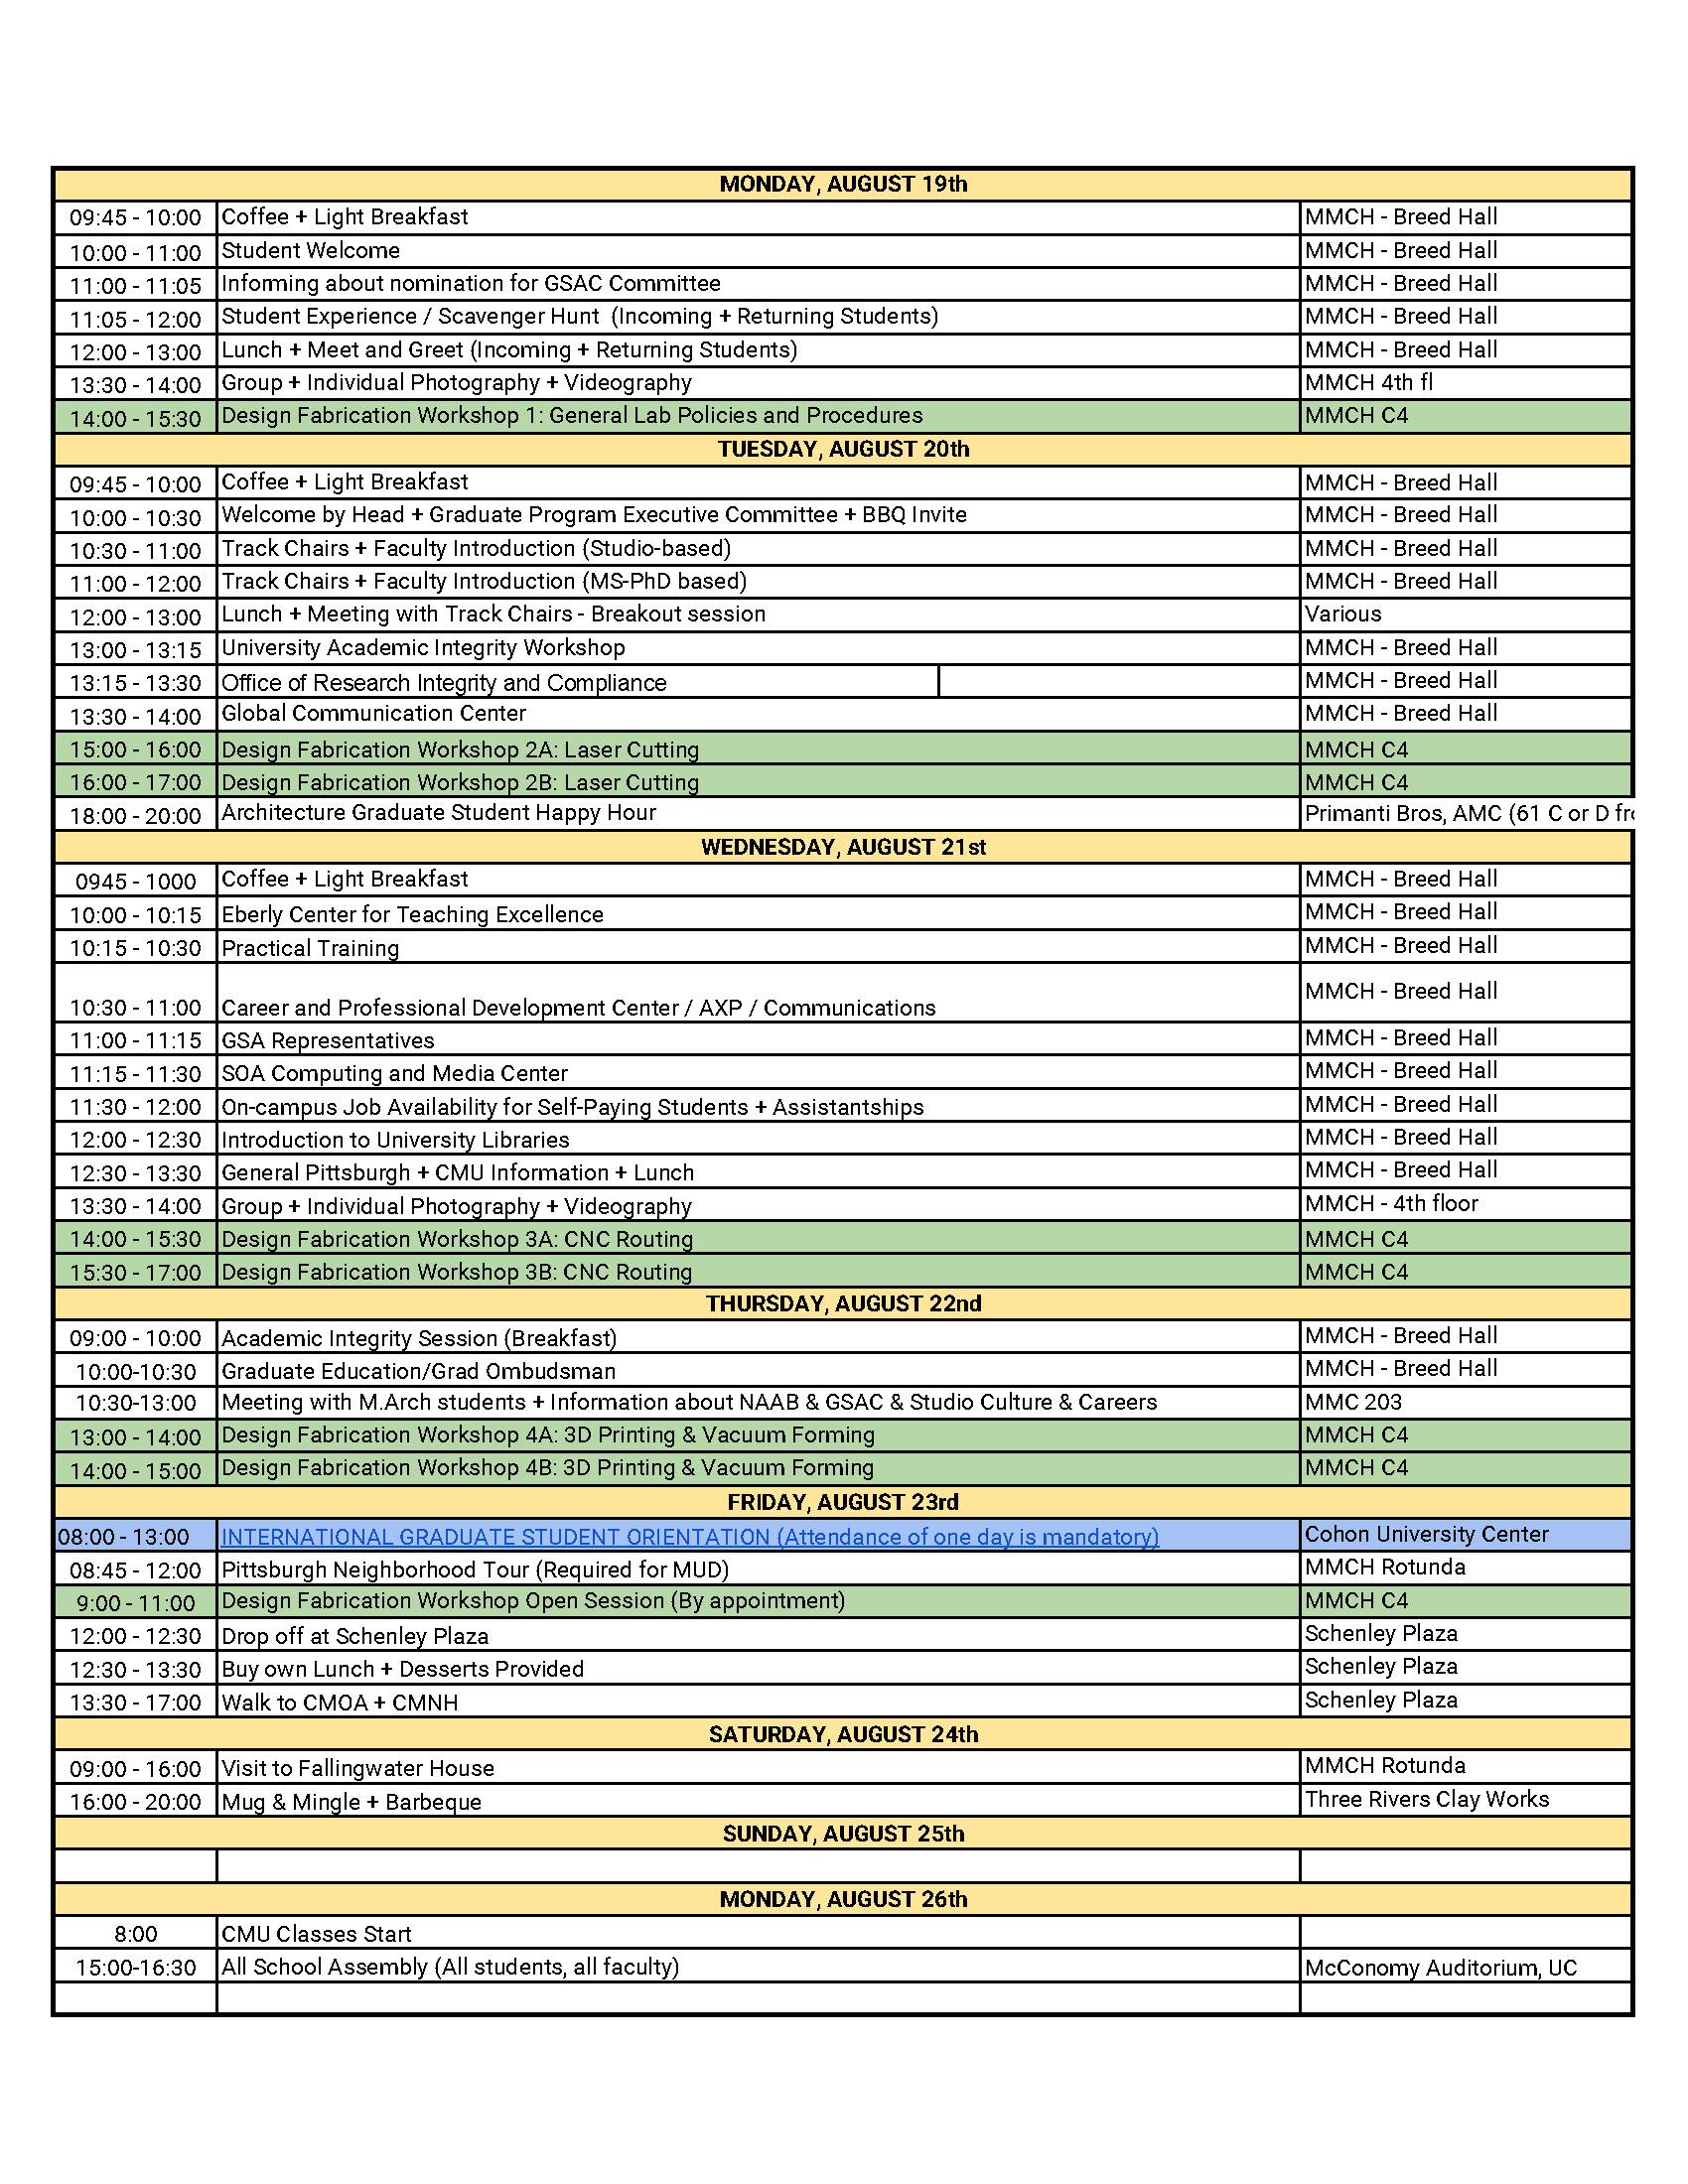 2019 - Orientation Schedule.jpg